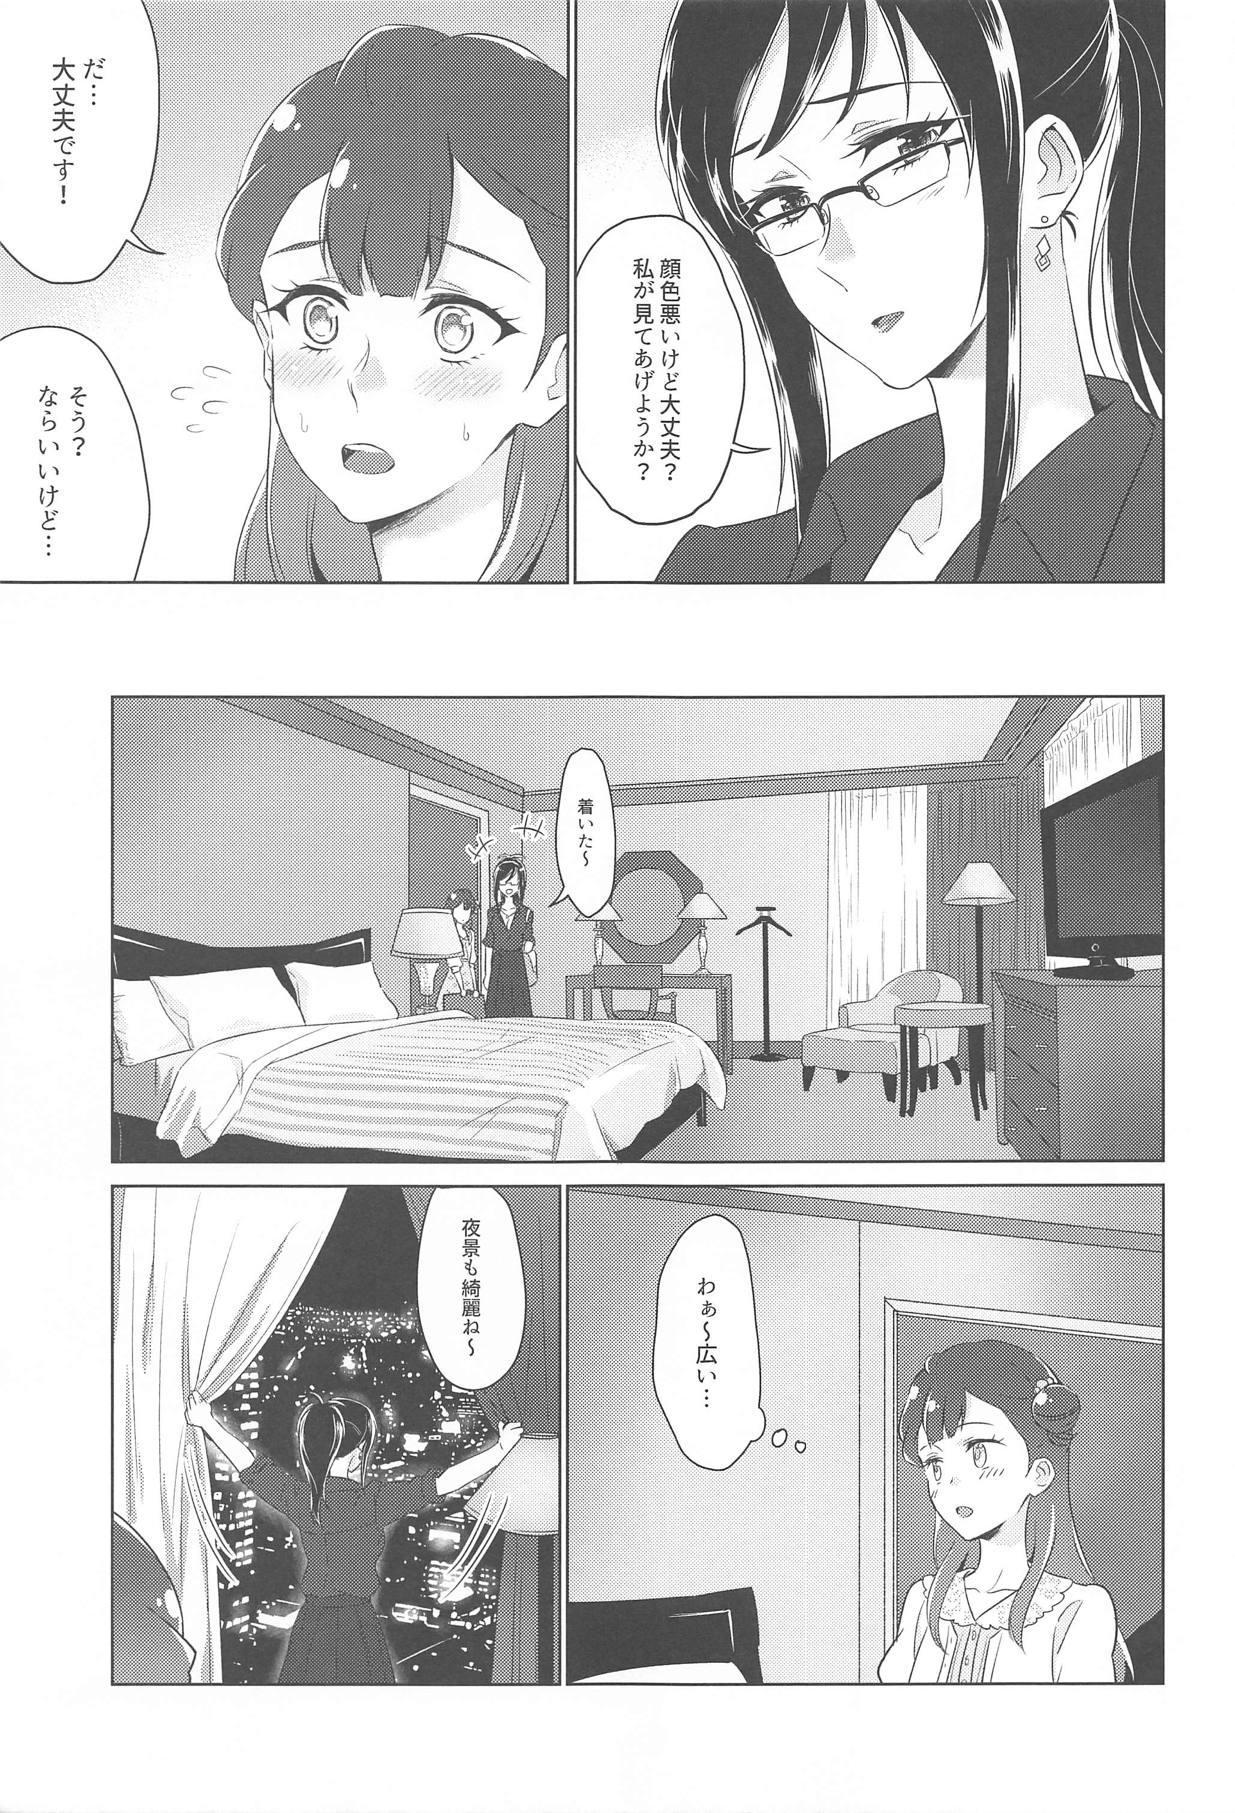 Tenshi no Haneyasume 7